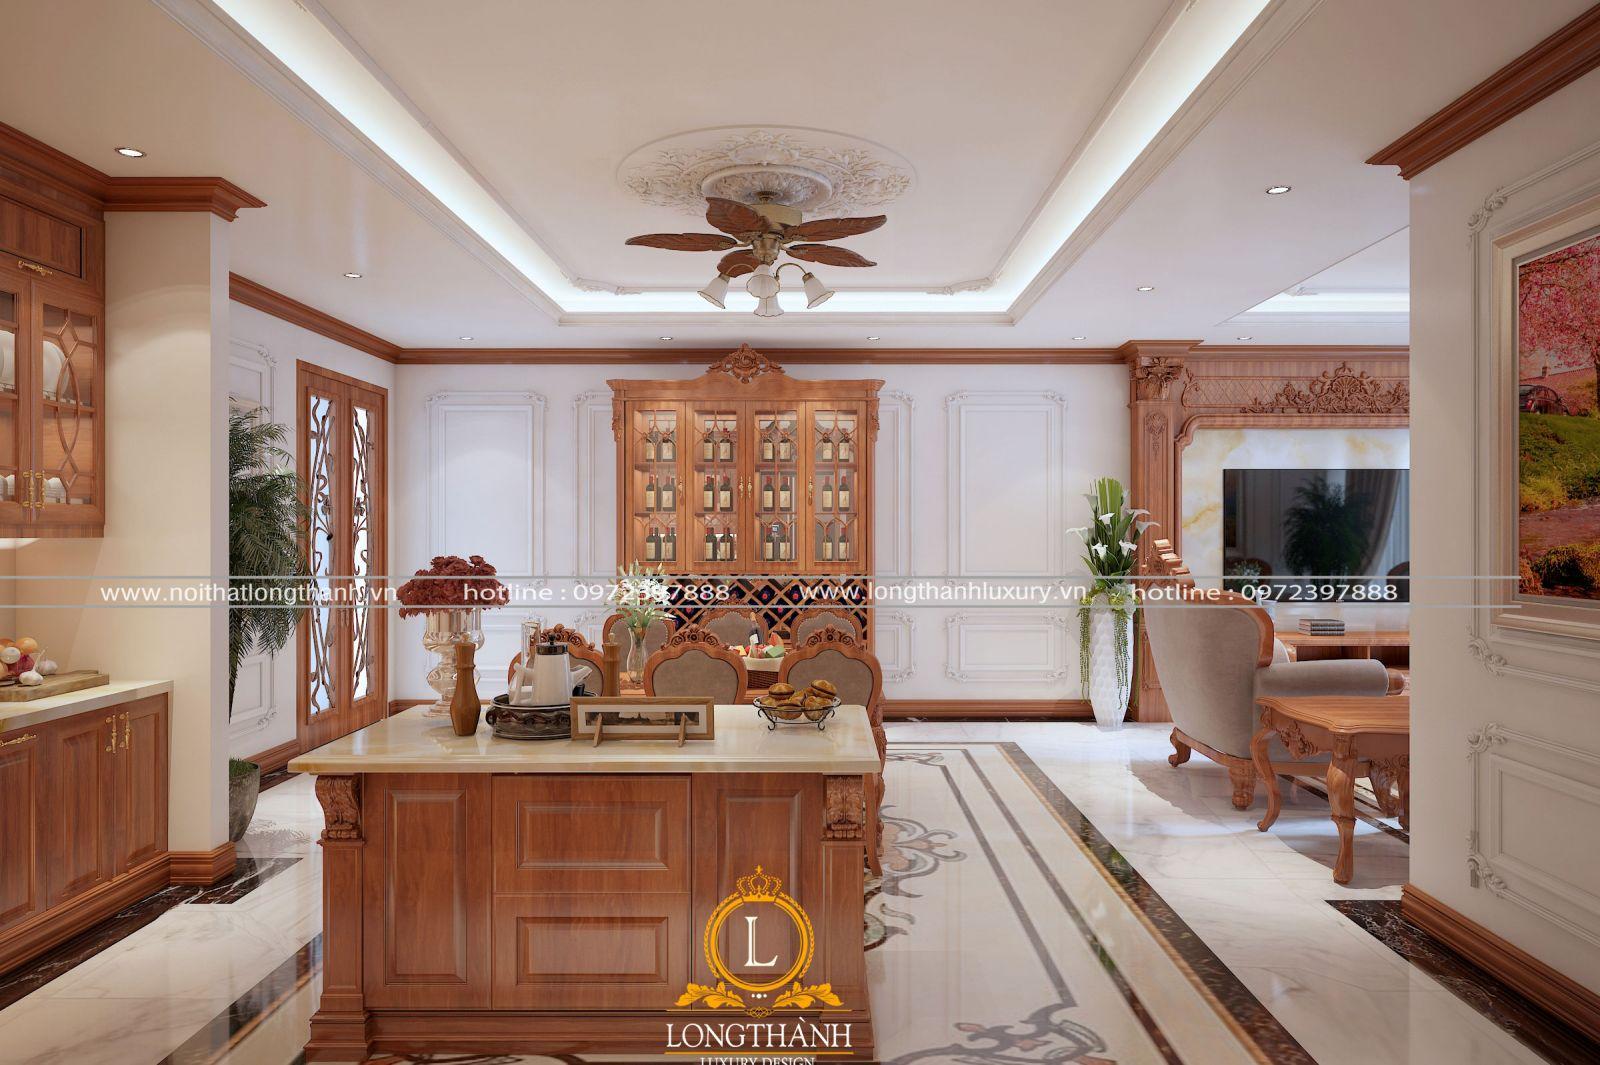 màu sắc bàn đảo phù hợp với nội thất trong không gian